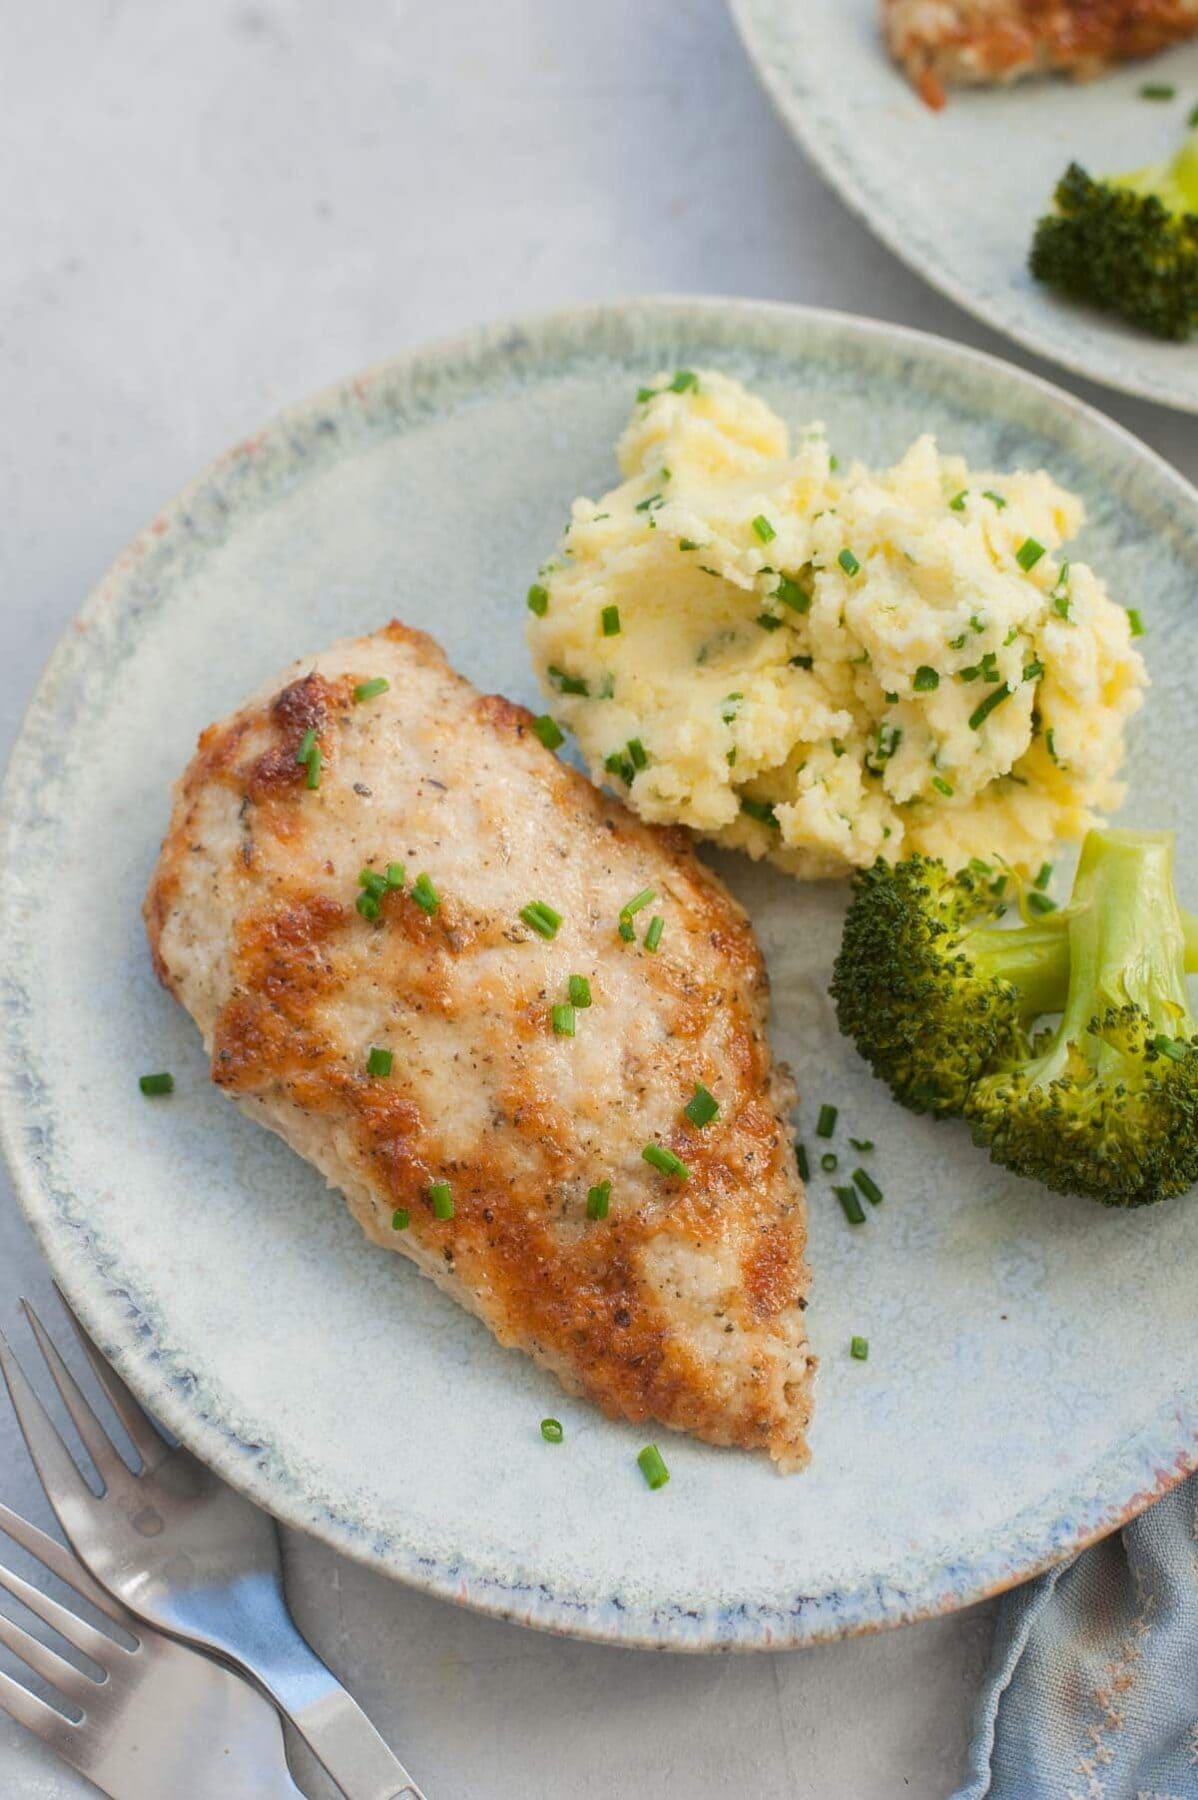 Piersi z kurczaka w majonezie na zielonym talerzu z ziemniakami i brokułami.